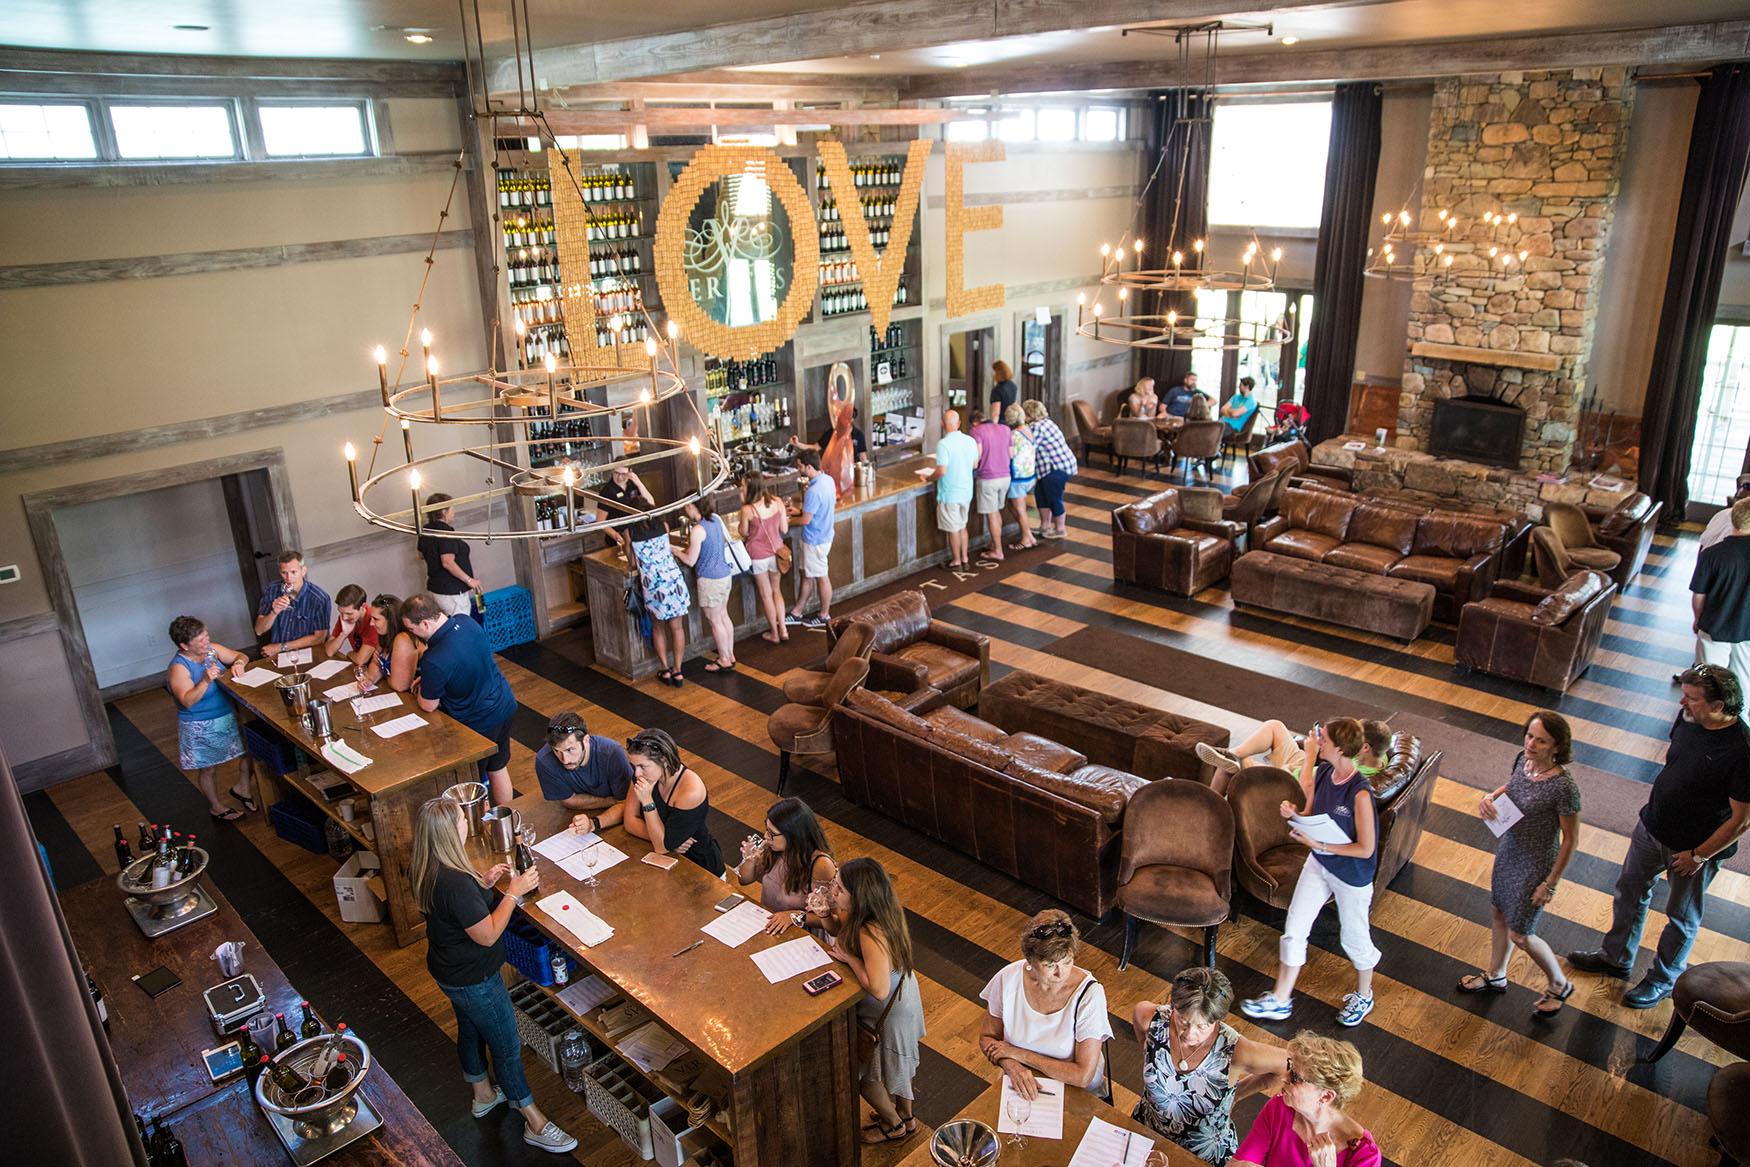 Veritas Vineyards & Winery